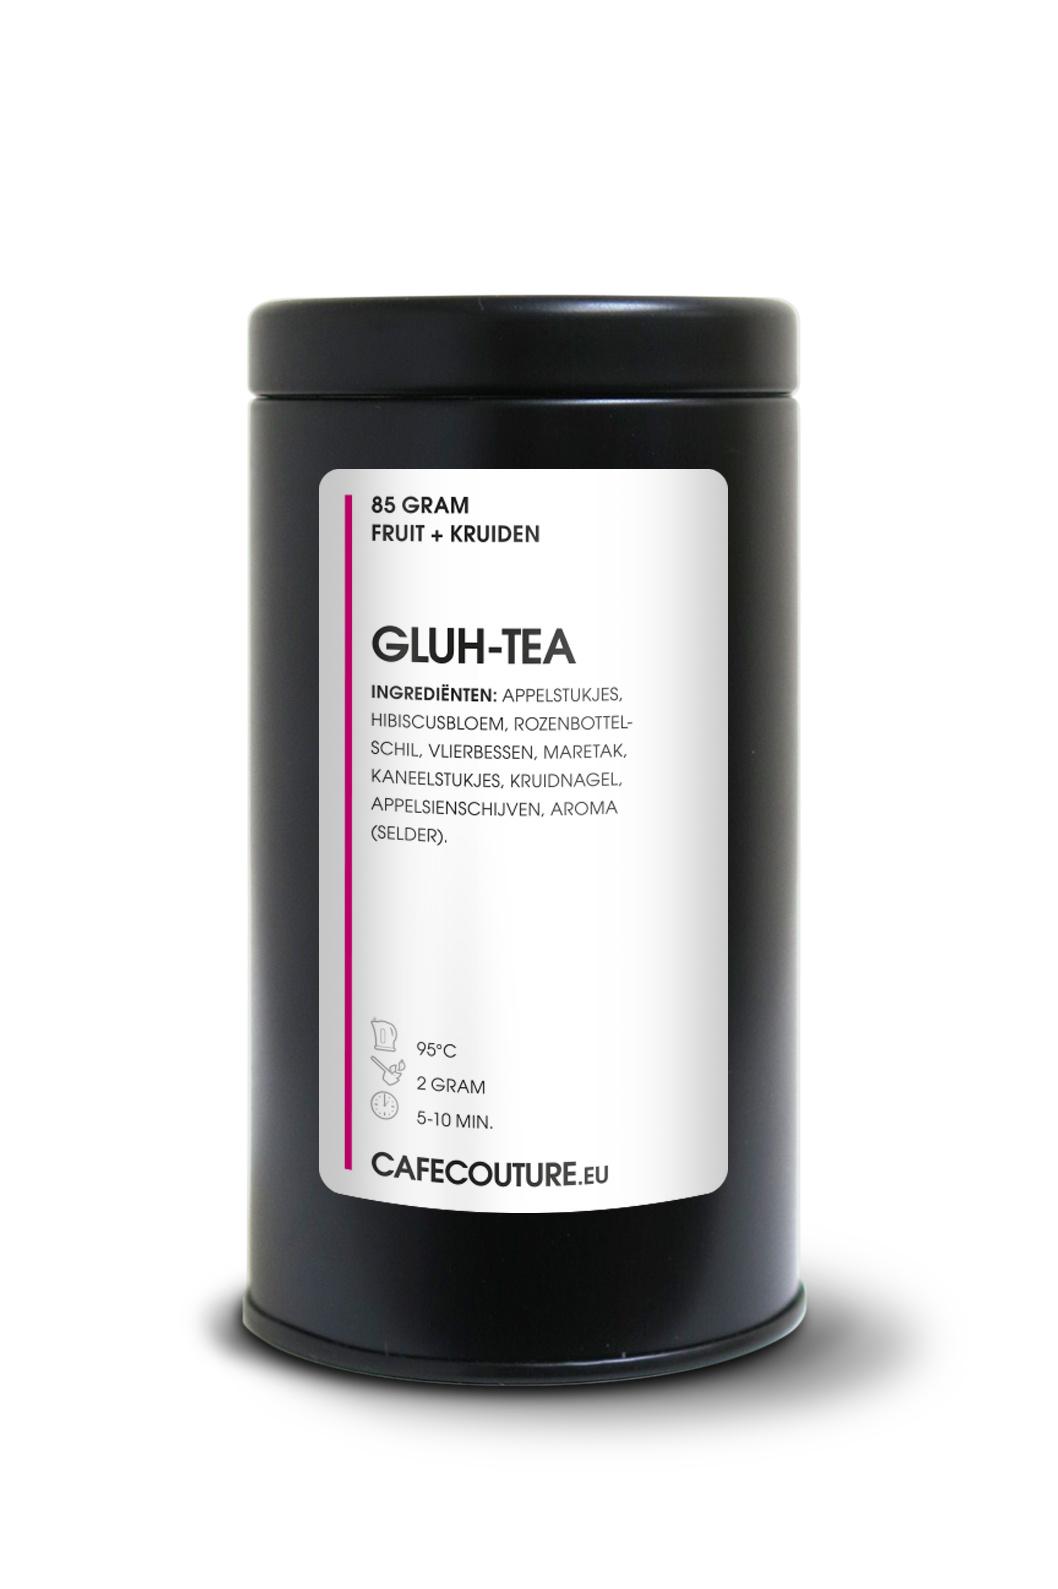 Gluh-Tea